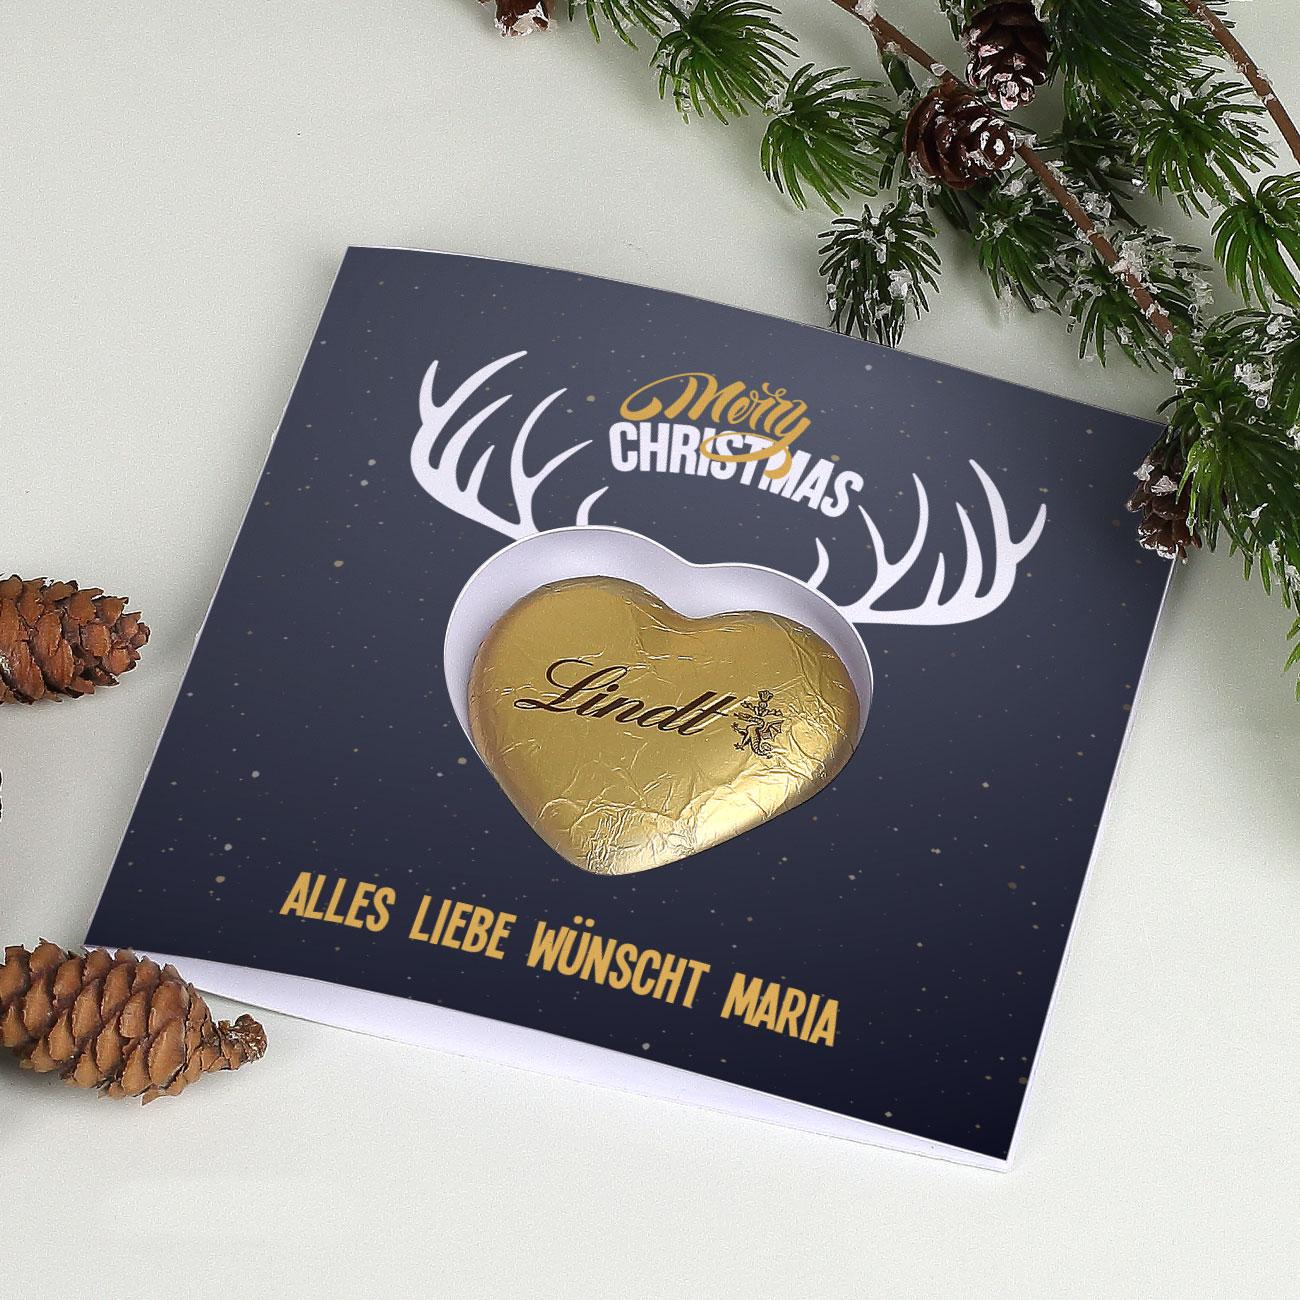 Weihnachtsgeschenke für Männer | Geschenke zu Weihnachten